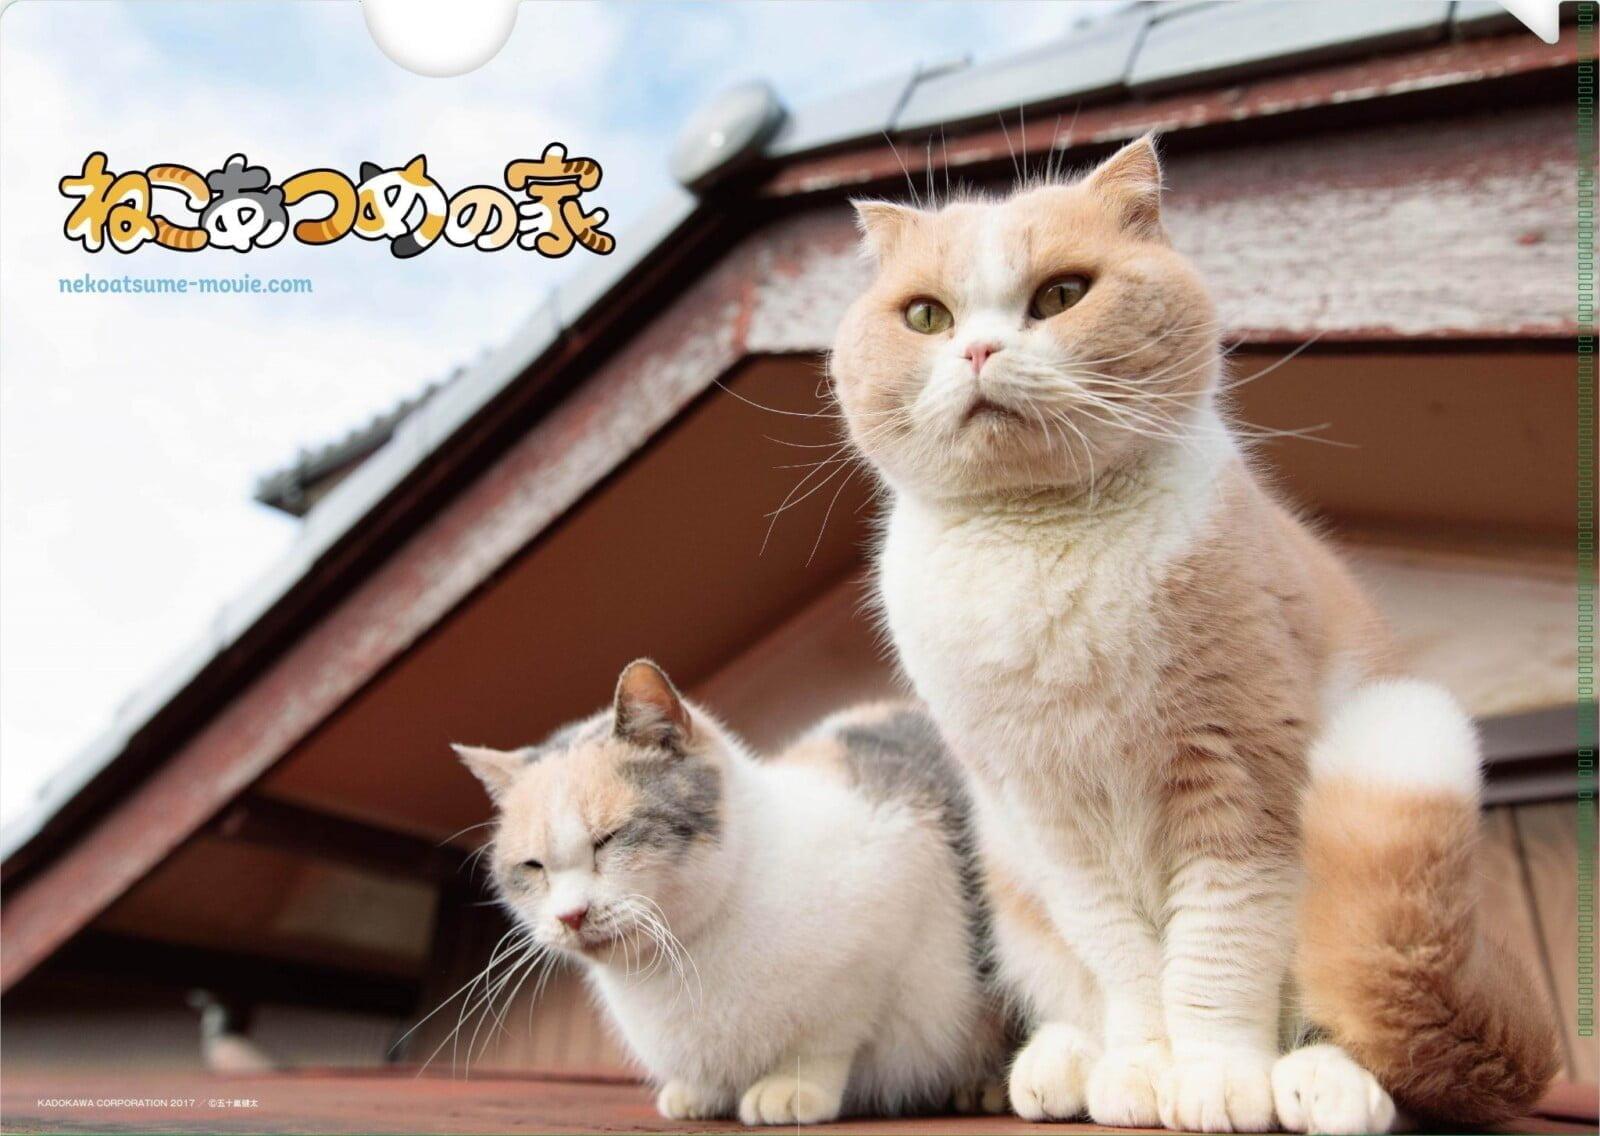 【プレゼント】日本初となる人気アプリの実写化!映画『ねこあつめの家』特製クリアファイルを【5名様】にプレゼント!